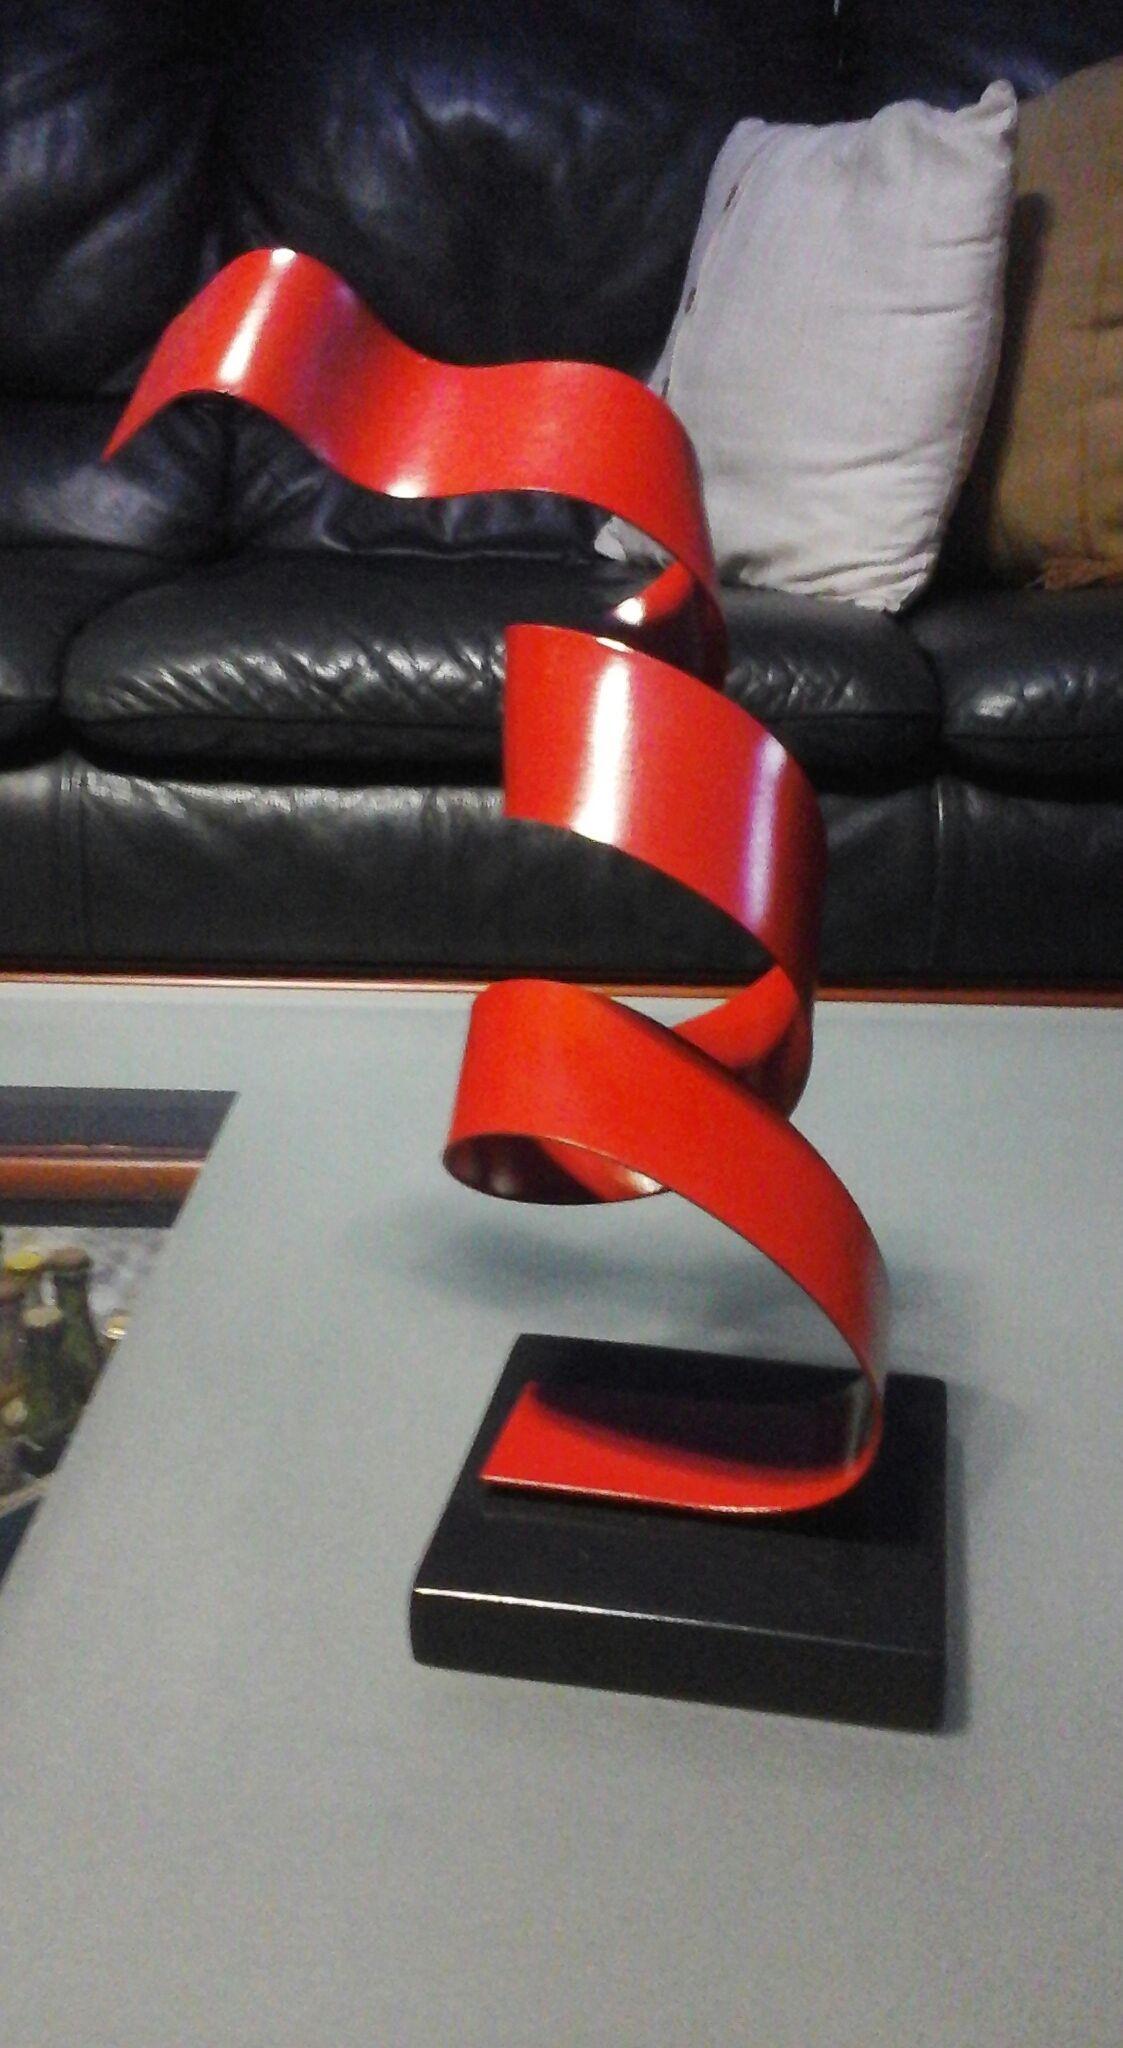 """Extraordinaria  esculturas """"movimientos"""" realizadas por el artista plàstico Antonio Solano, en metal con base en Resina, podemos disfrutarla que se encuentra exhibida en nuestra Galería, ubicada en la Marina Internacional Bahía Redonda. Si desea adquirir algunas de sus esculturas podrá contactarnos a través de los números 0426 9853287 (Whatsapp) y 0416 4881610 y 0281 2860993 cantv-hab, Email: bahiaredondagaler.... Se entregan personalmente"""